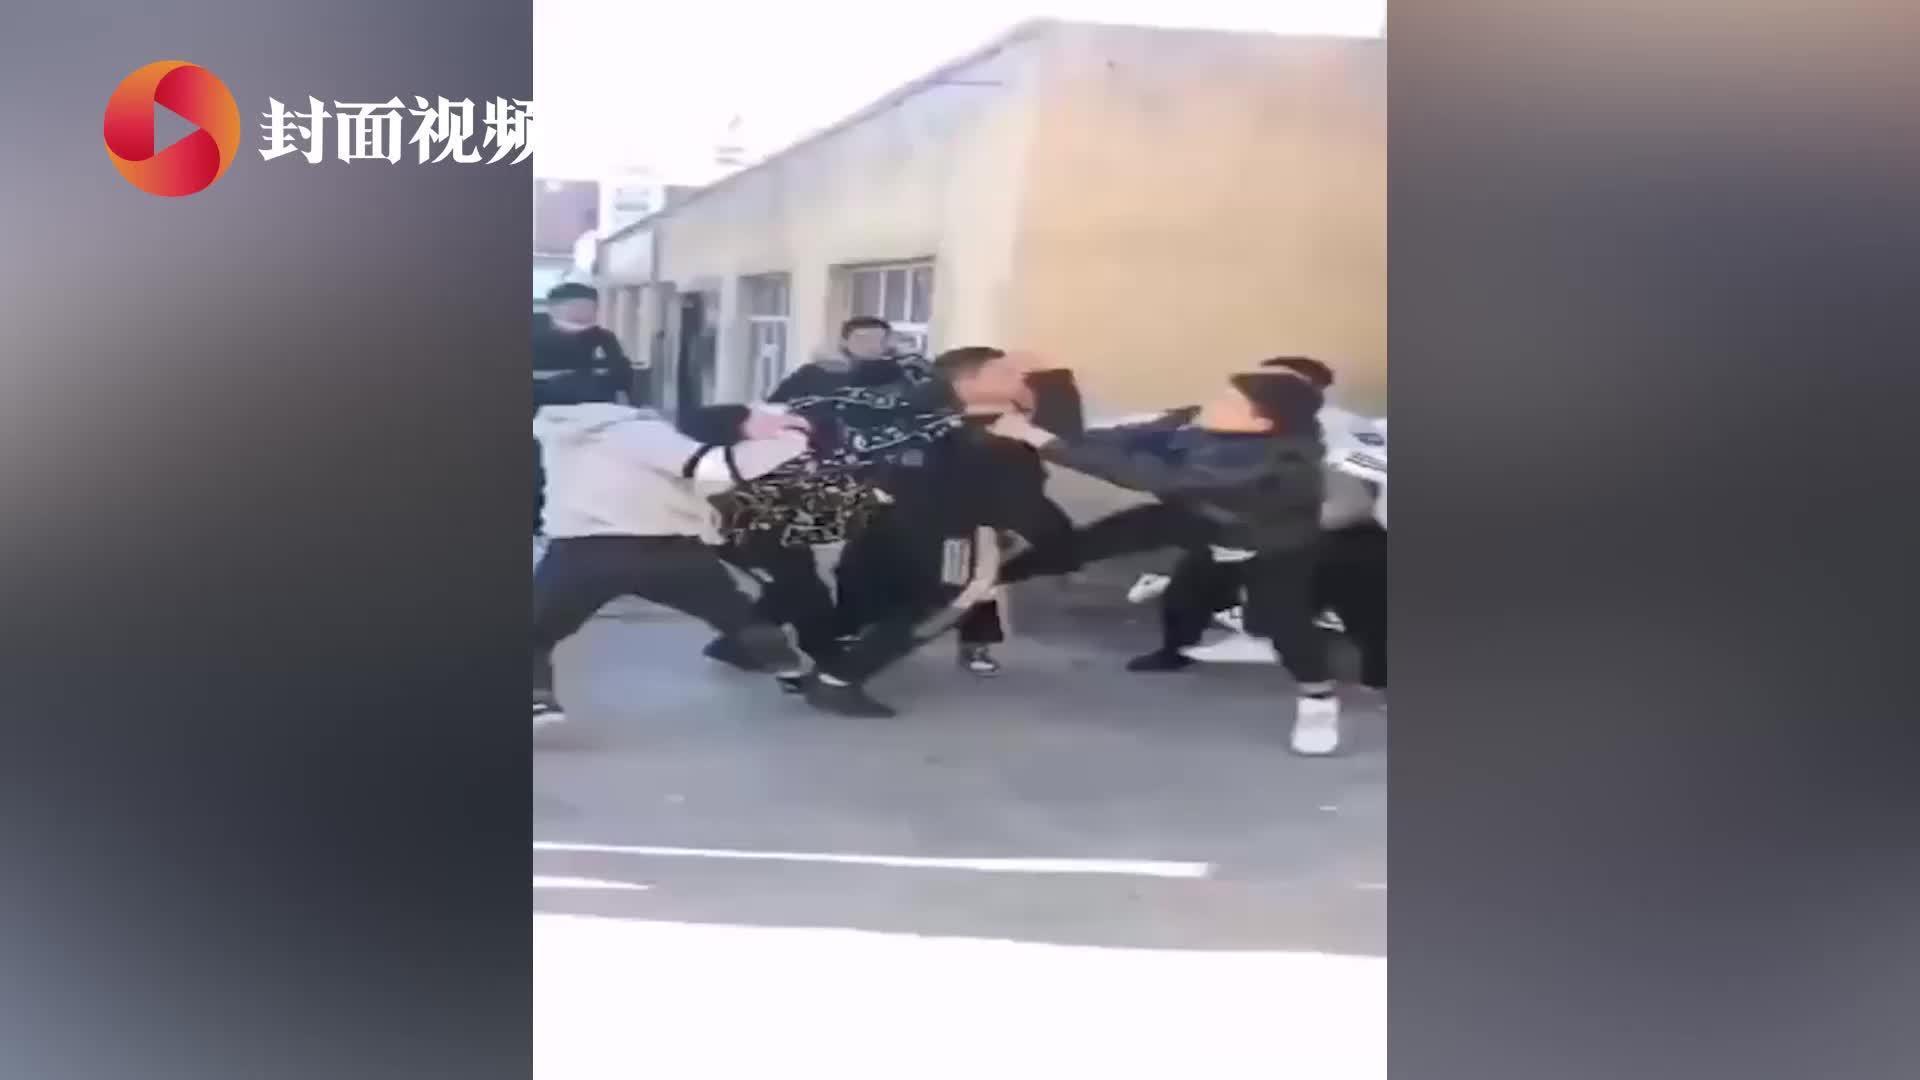 黑龙江一职高学生与他人斗殴被捅身亡